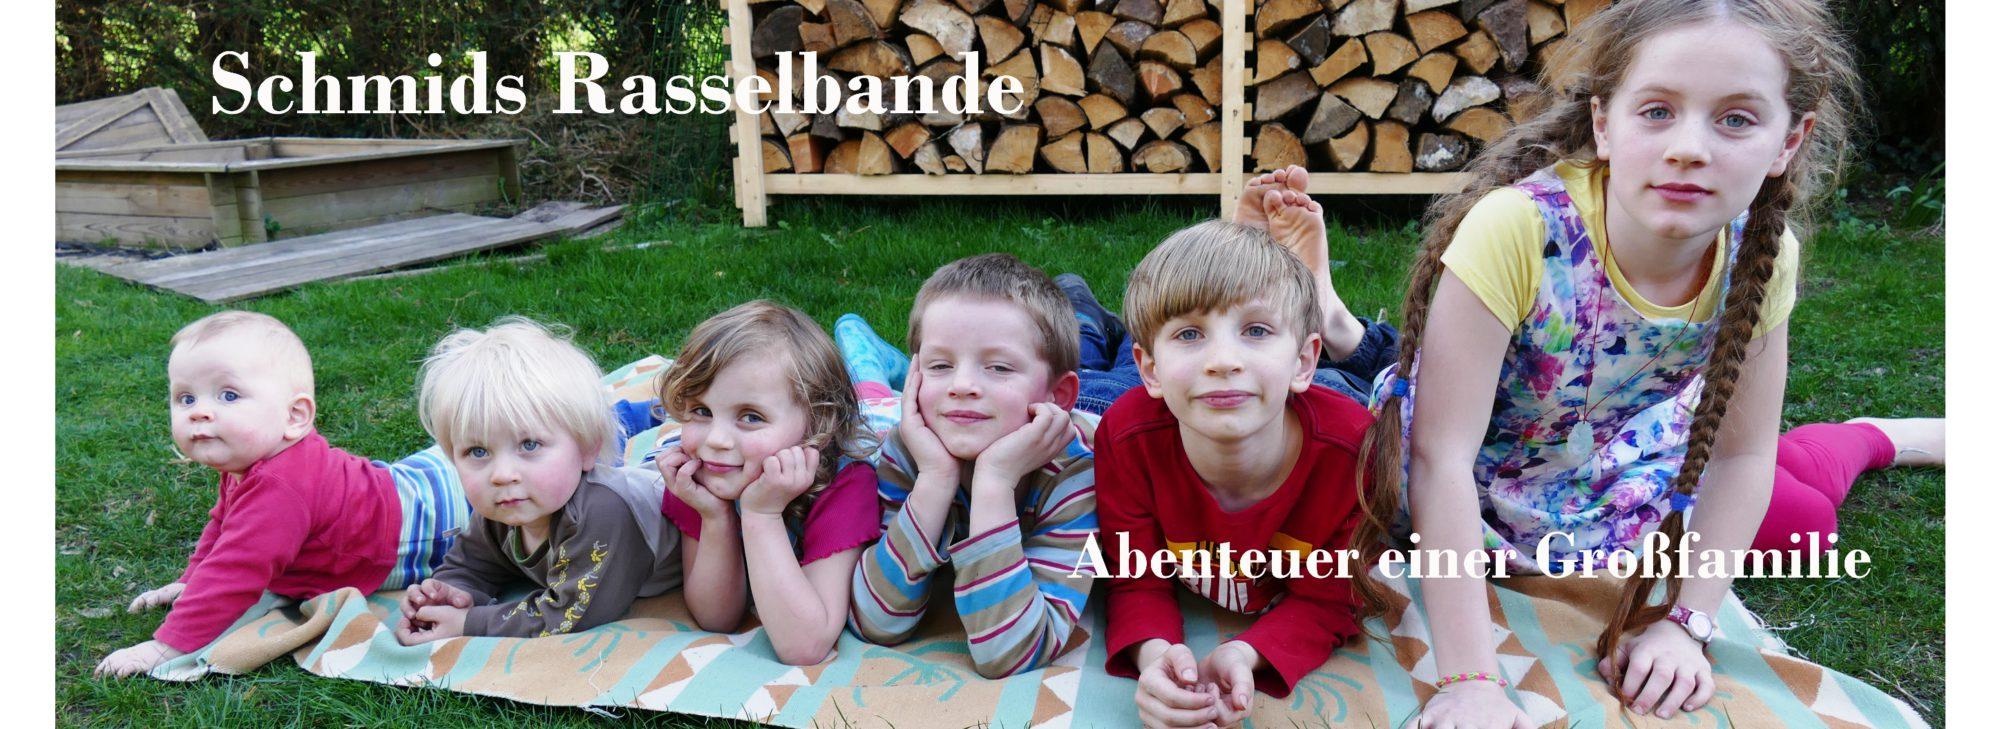 Schmids Rasselbande – Abenteuer einer Großfamilie